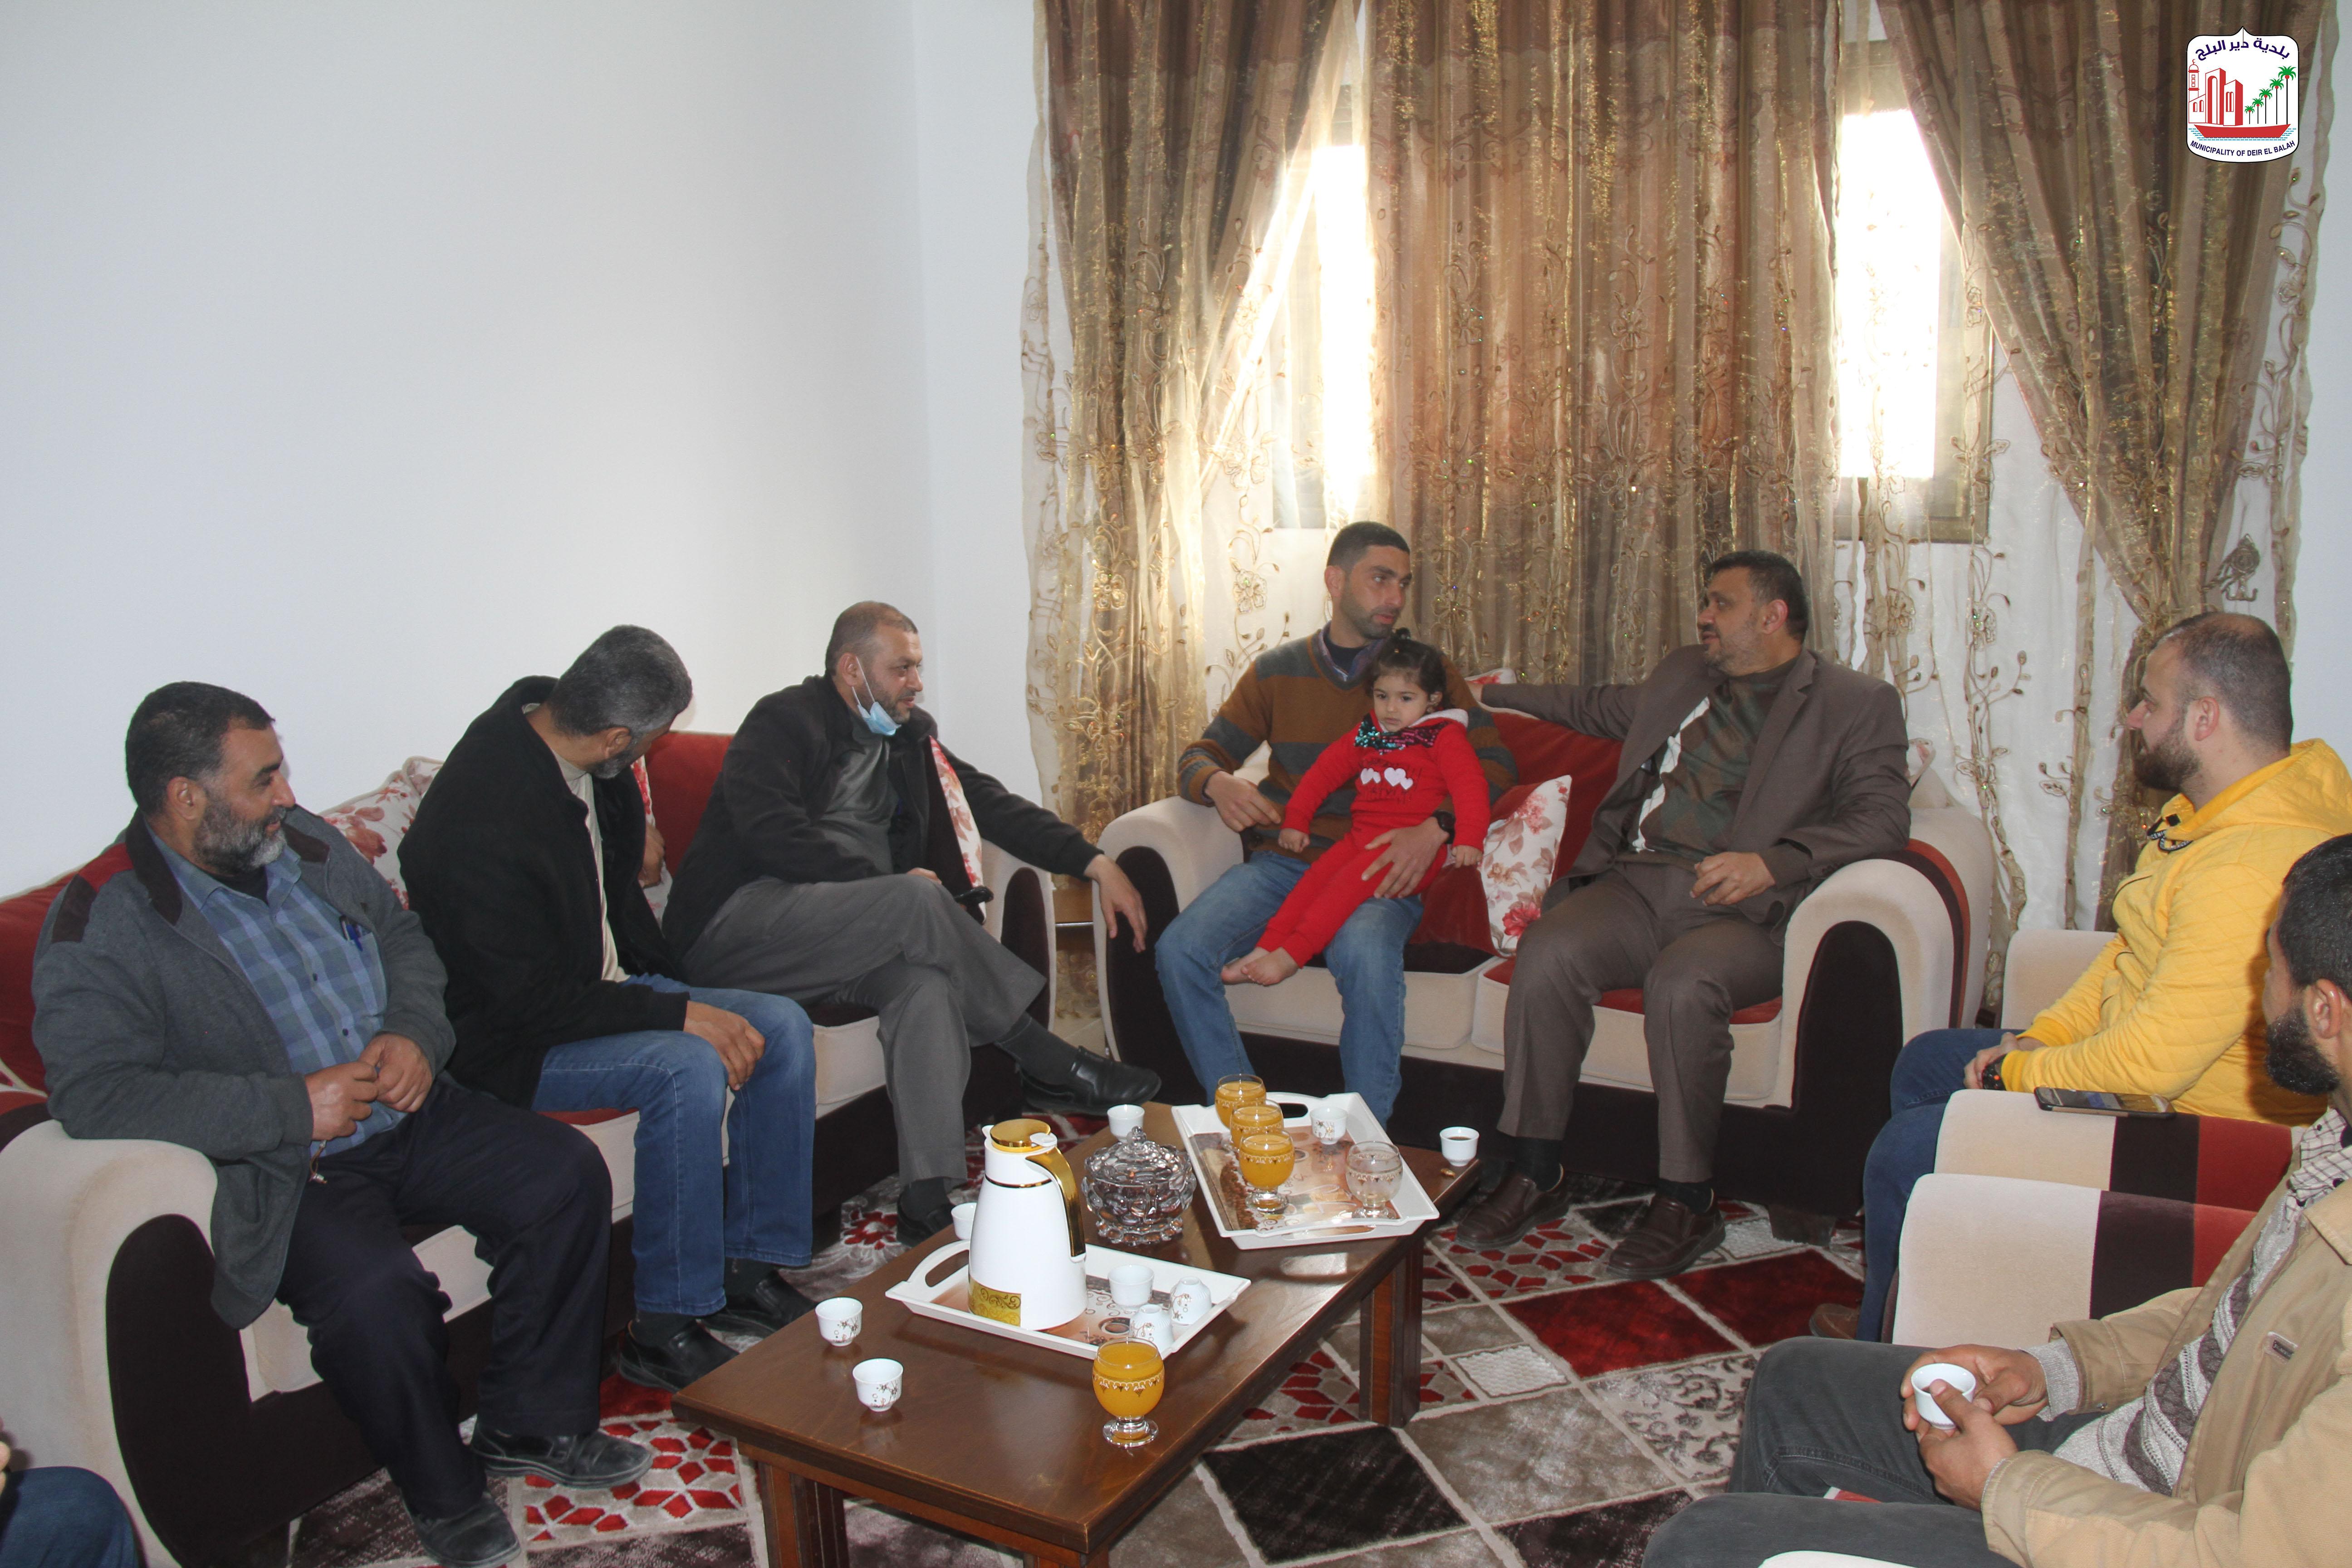 في إطار تعزيز العلاقات مع الموظفين ومشاركتهم مناسباتهم الاجتماعية رئيس البلدية دياب الجرو يرافقه عدد